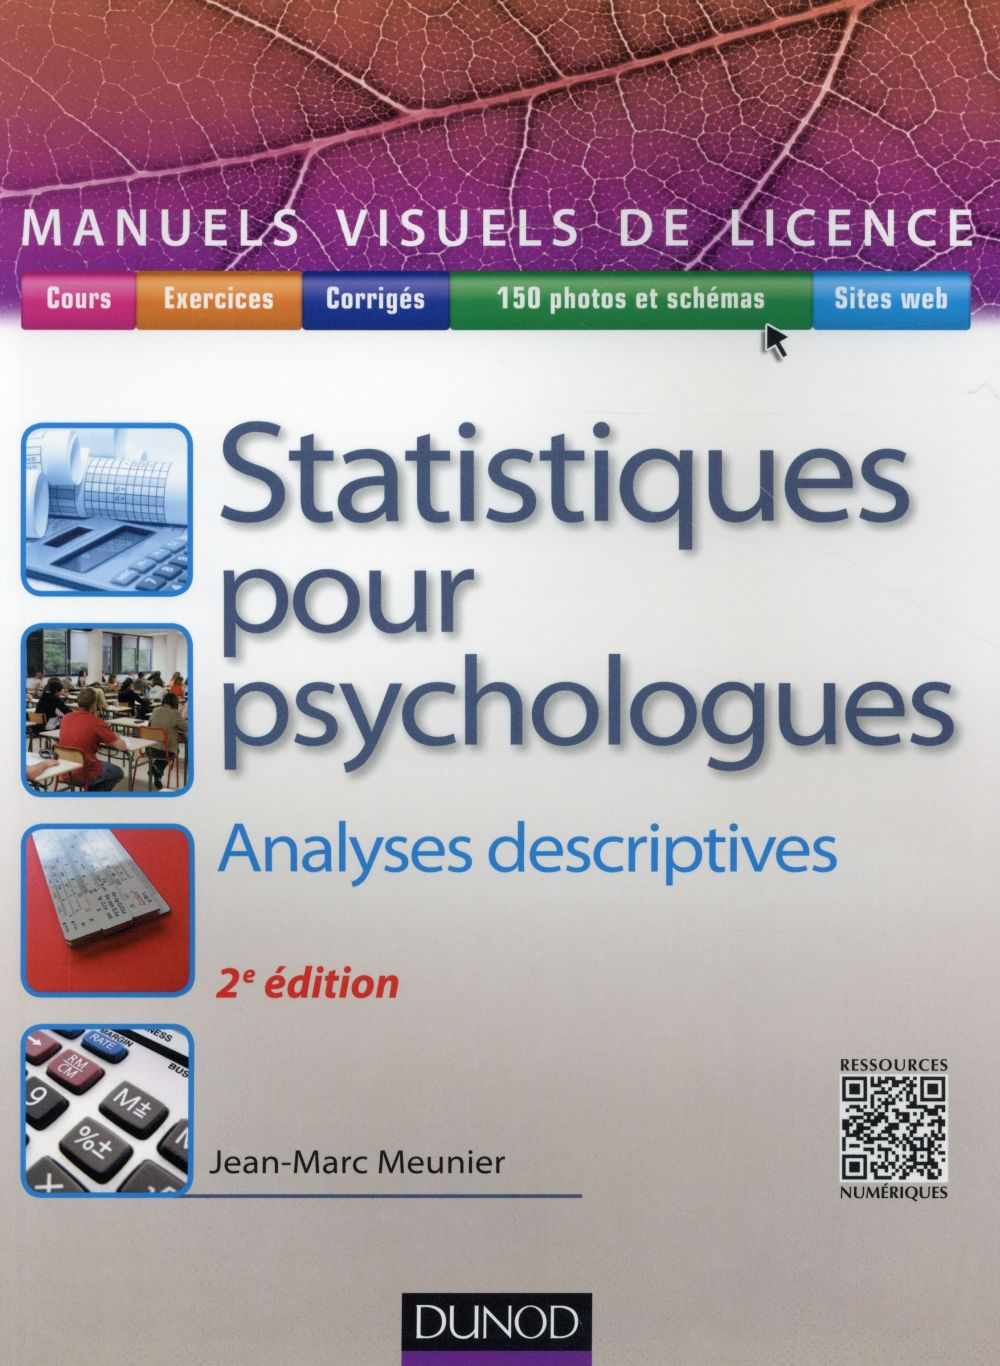 Manuel Visuel Des Statistiques Pour Psychologues ; Analyses Descriptives (2e Edition)